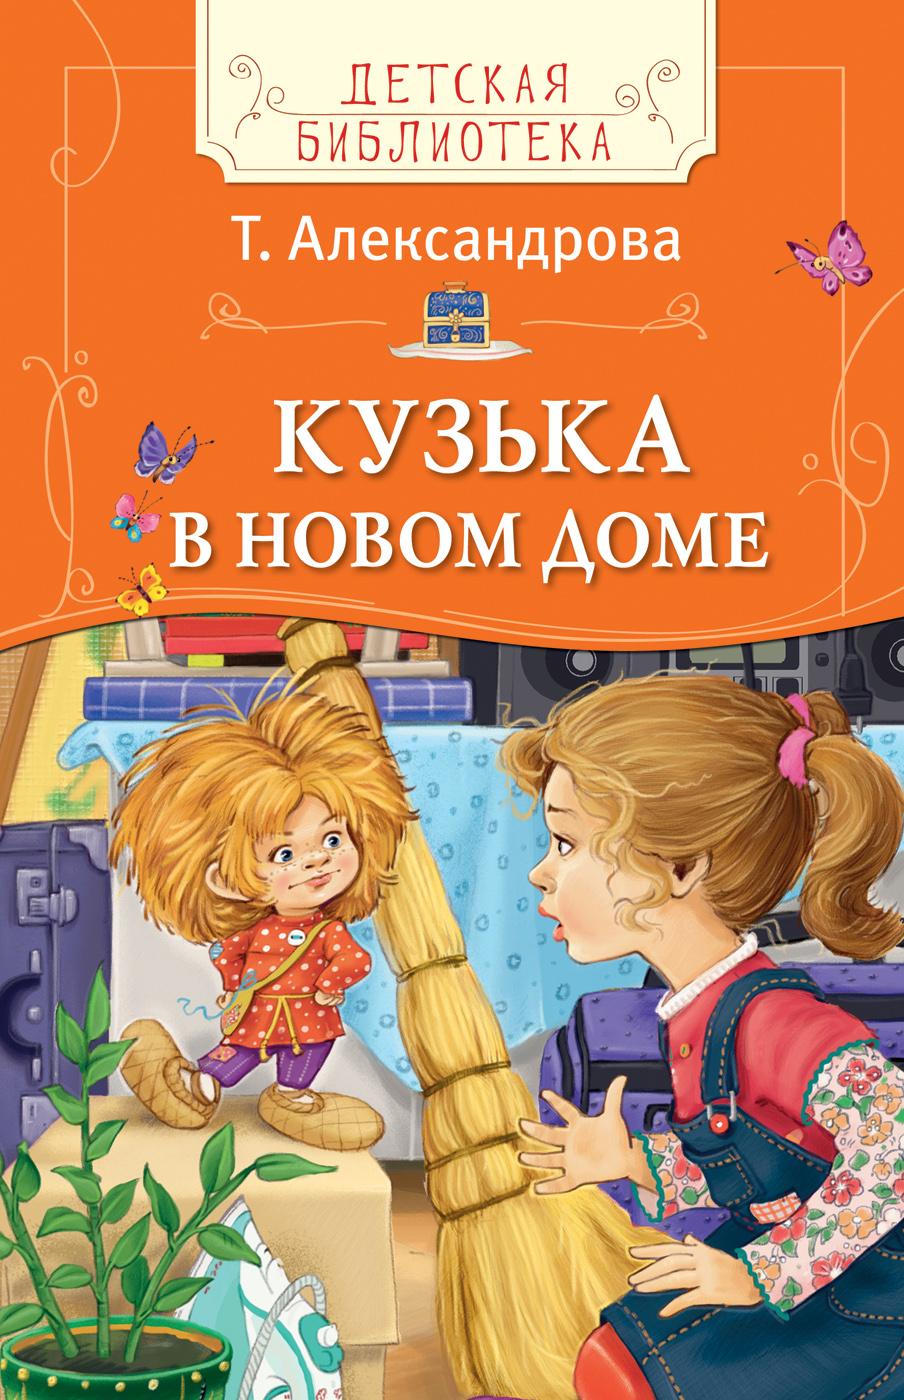 Книга Т. Александрова - Кузька в новом доме из серии Детская библиотека